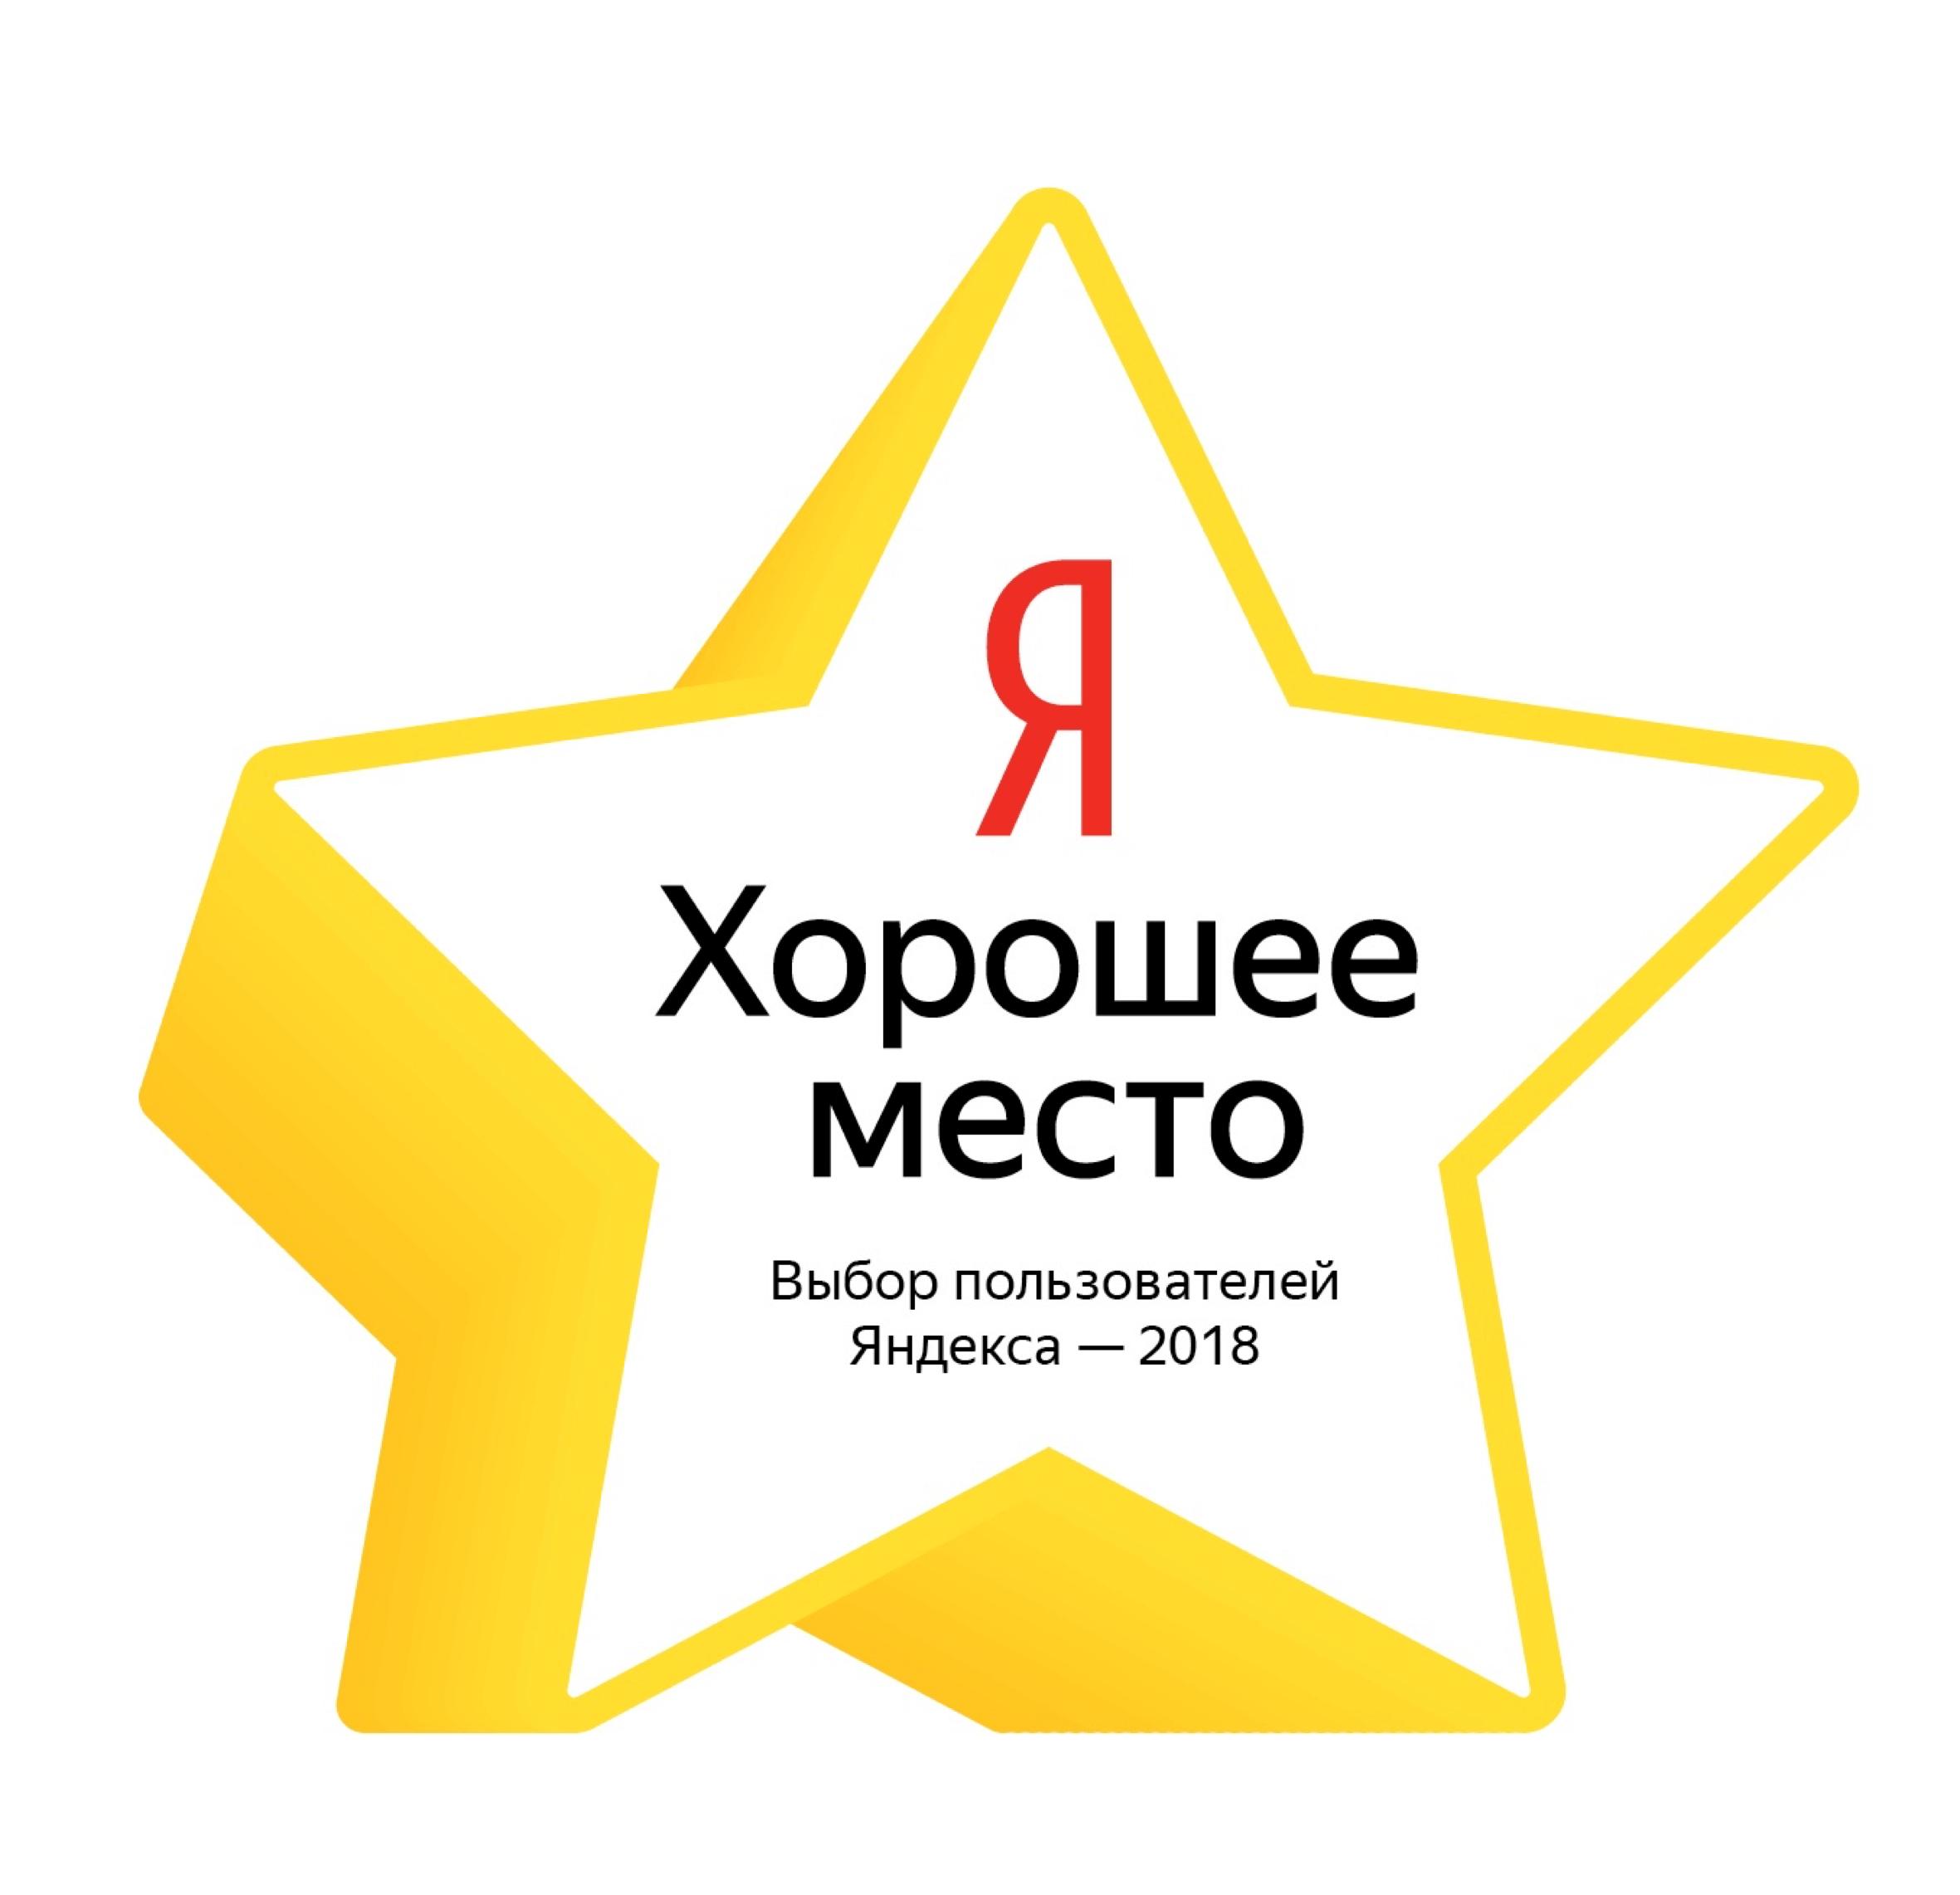 Хорошее место от Яндекса